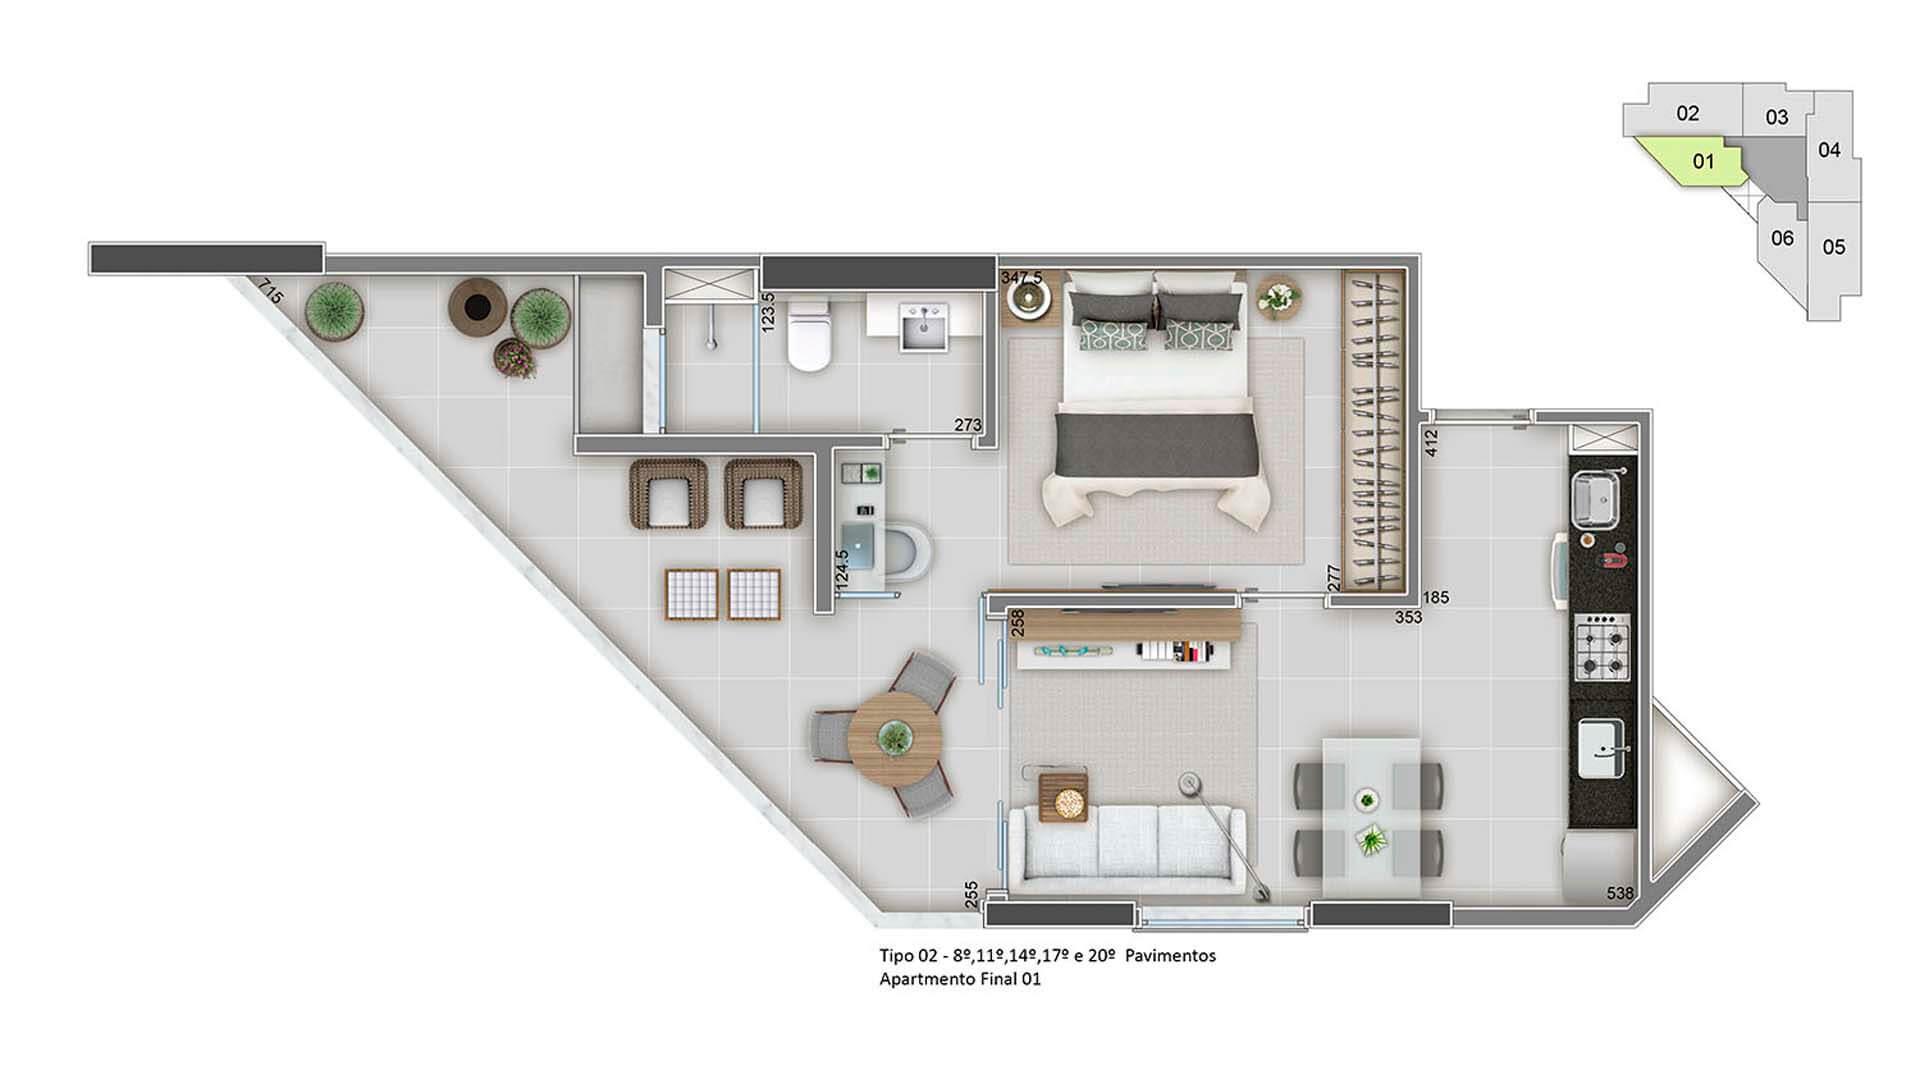 Apartamento Final 01 – 50m²